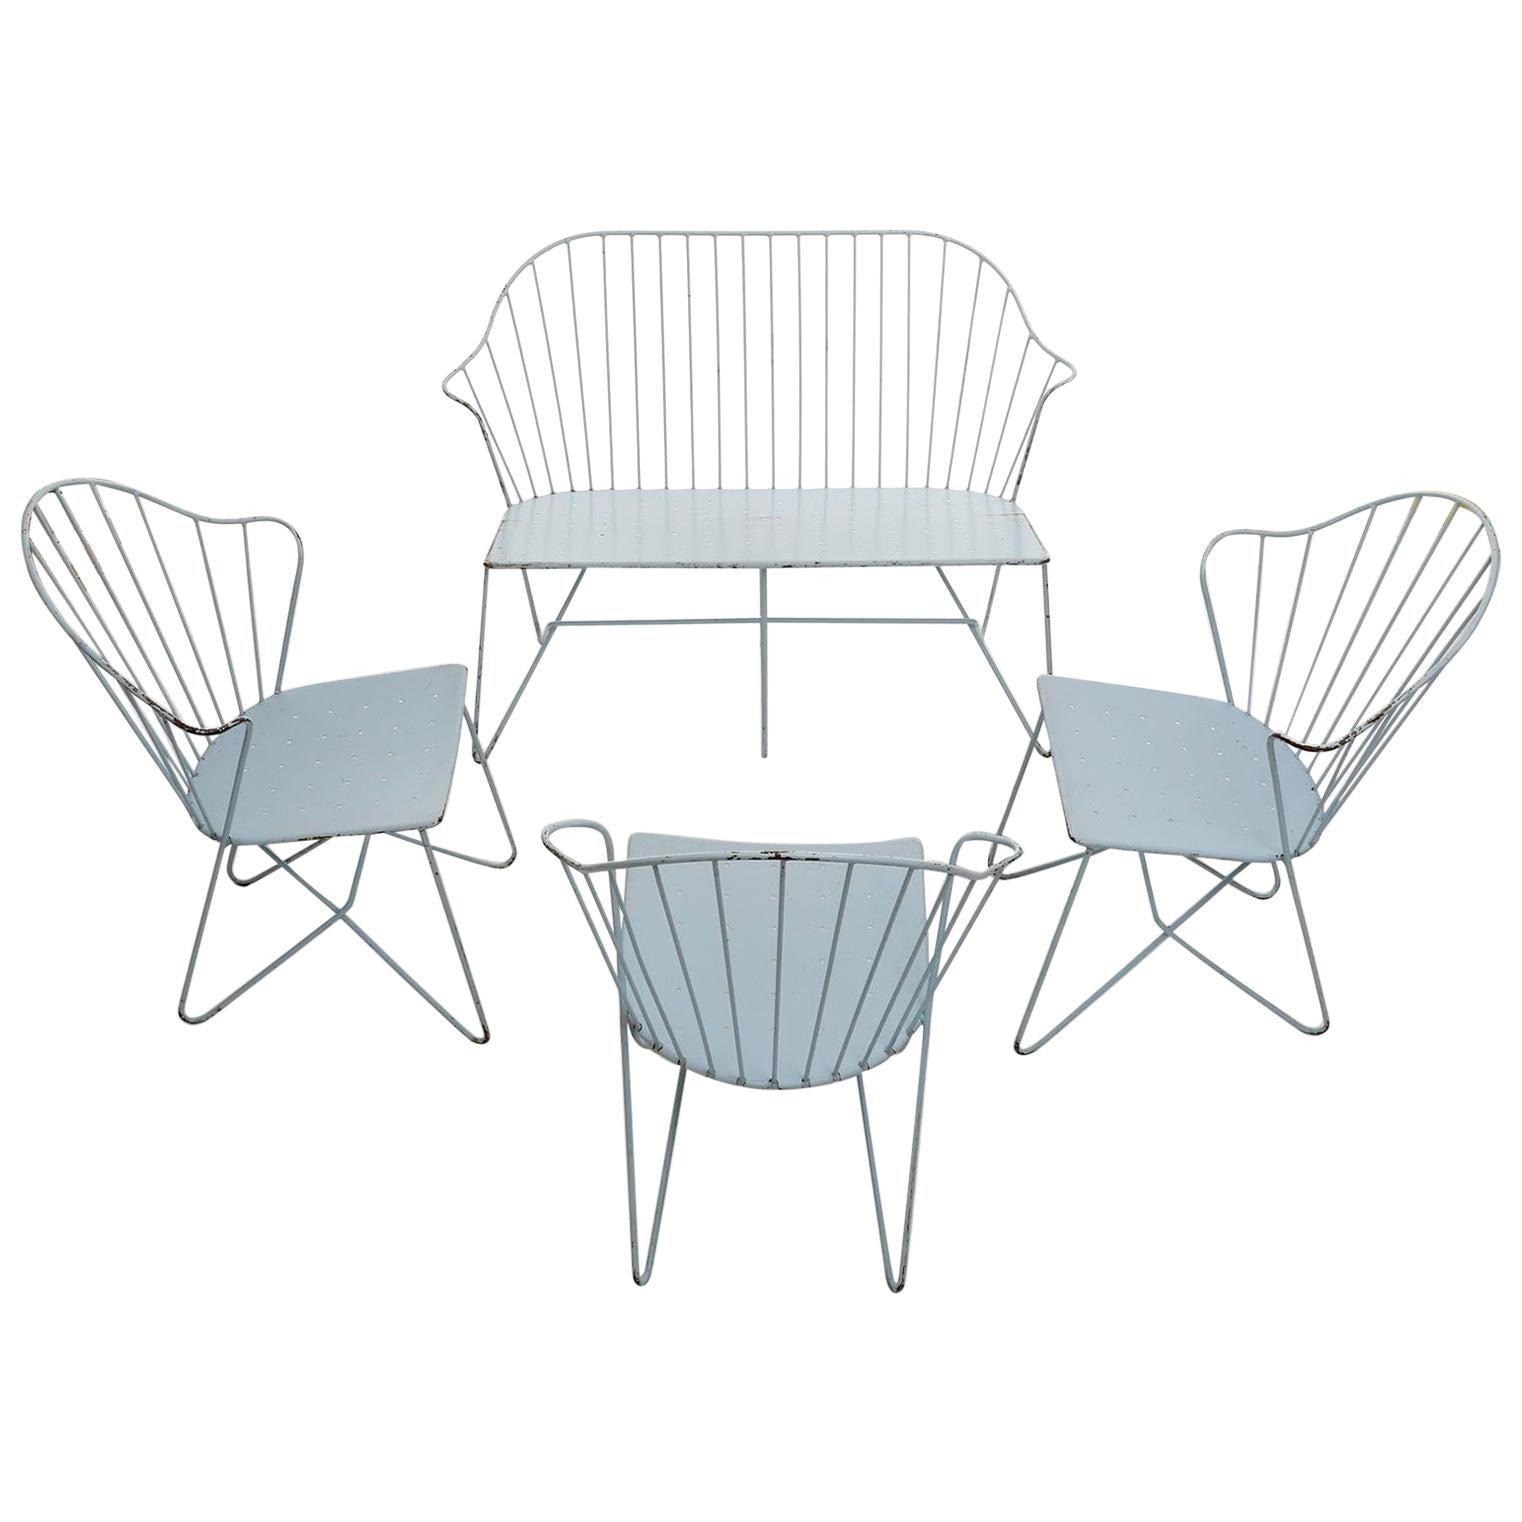 Set Wire Chairs Auersperg Bench Settee Astoria Sonett, Karl Fostel, Austria 1950